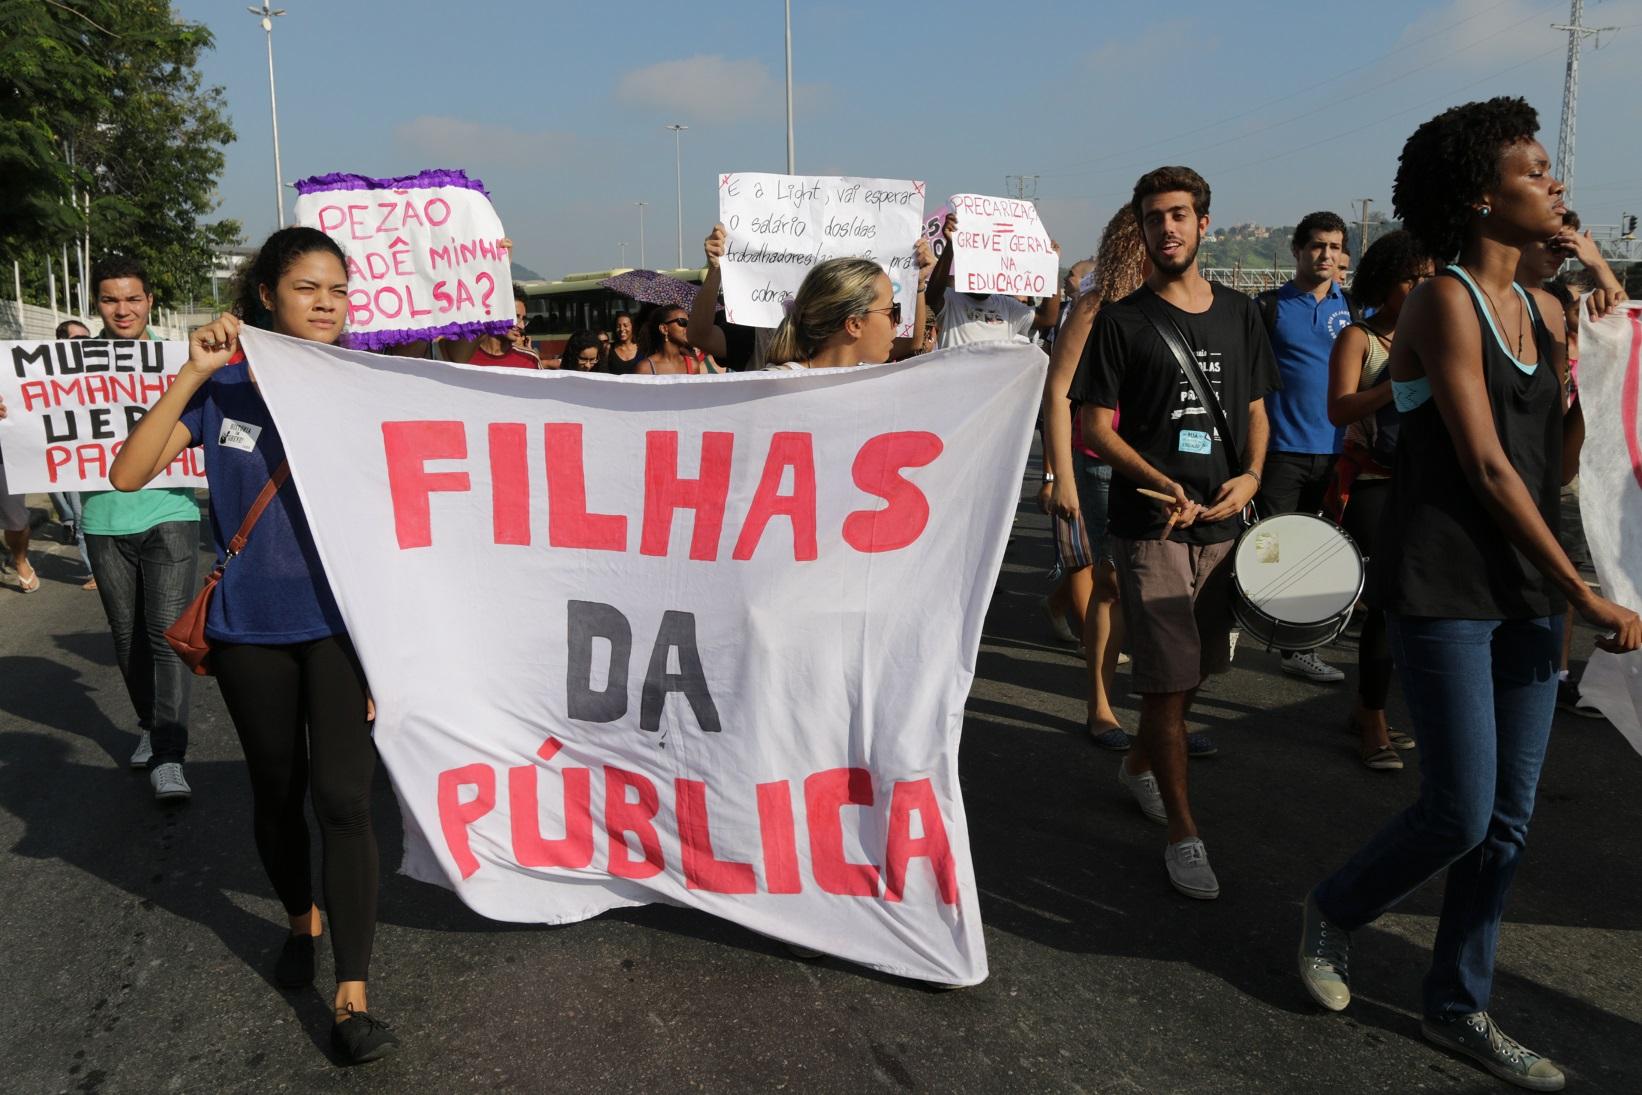 Estudantes protestam contra a falta de condições para o funcionamento da UERJ. Foto Alessandro Pereira da Silva/Citizenside